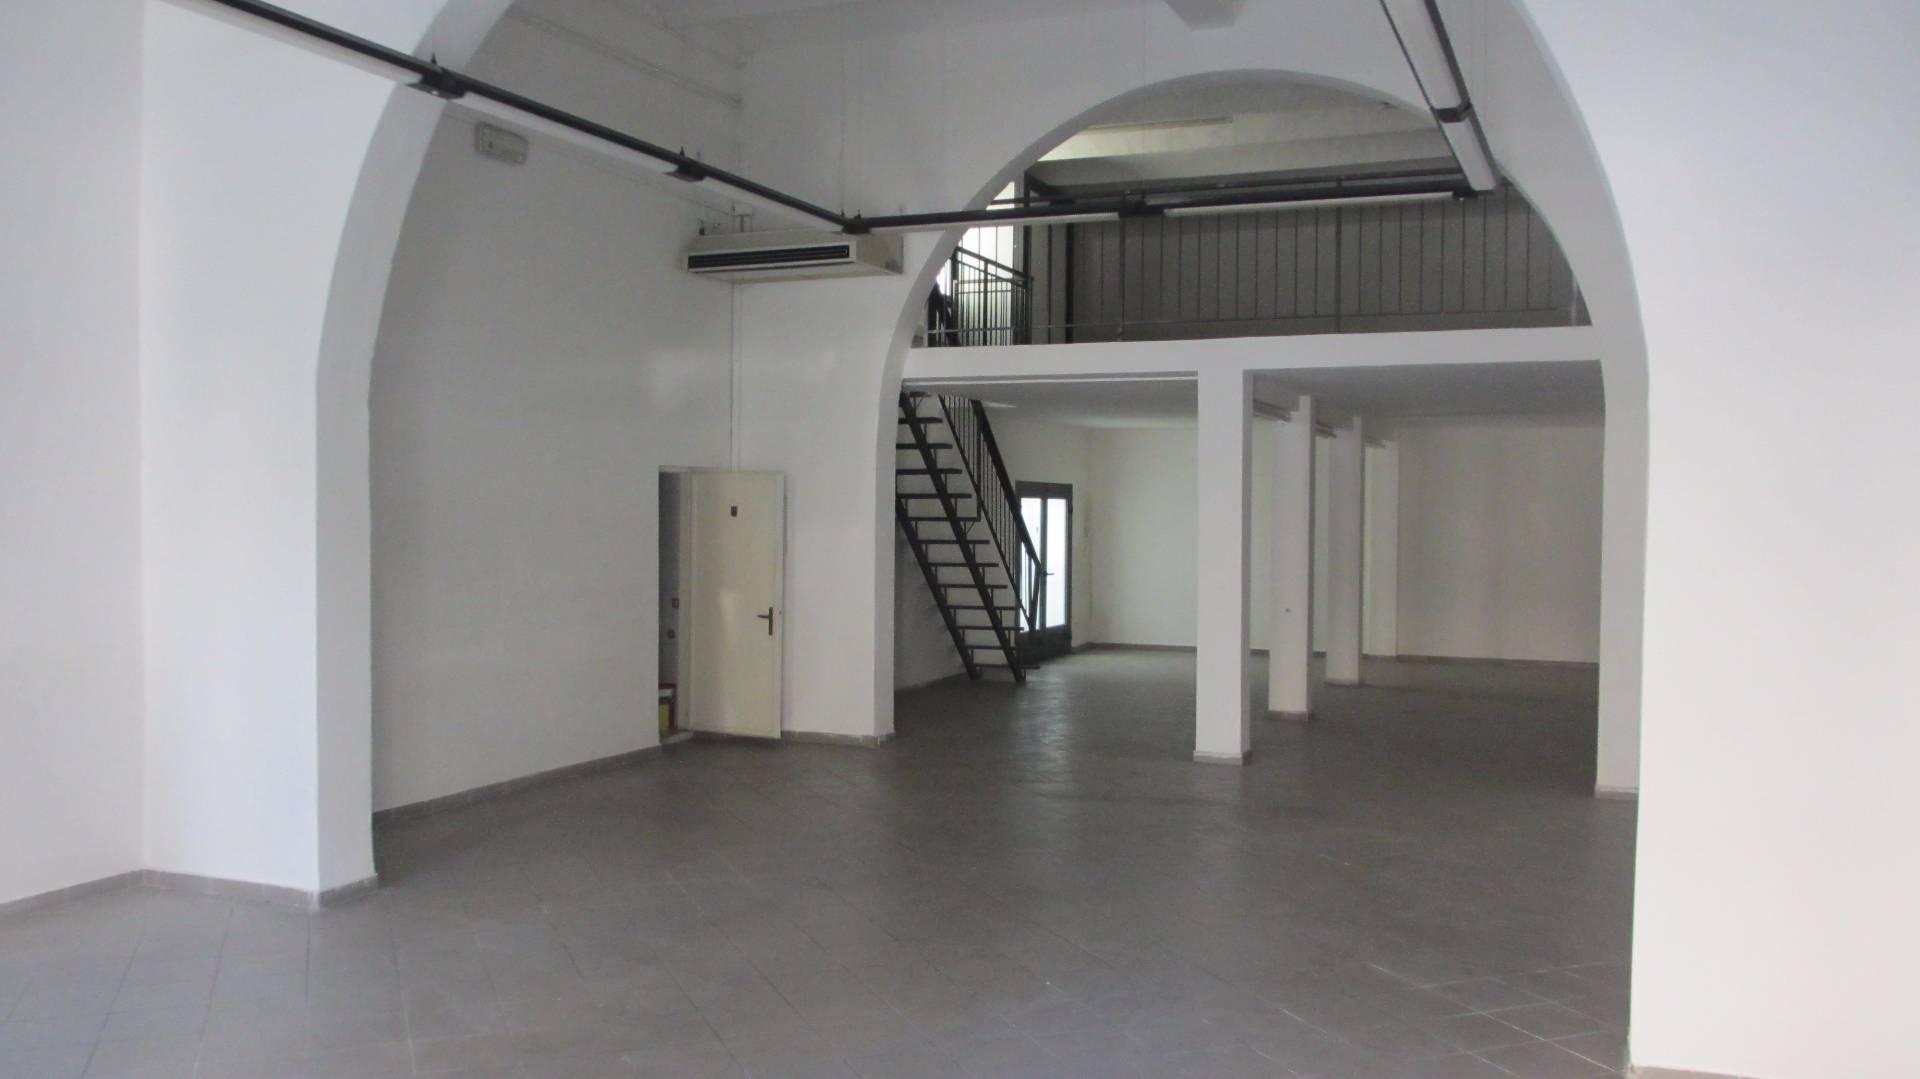 Attività / Licenza in affitto a Empoli, 9999 locali, zona Località: Centro, prezzo € 1.300 | Cambio Casa.it